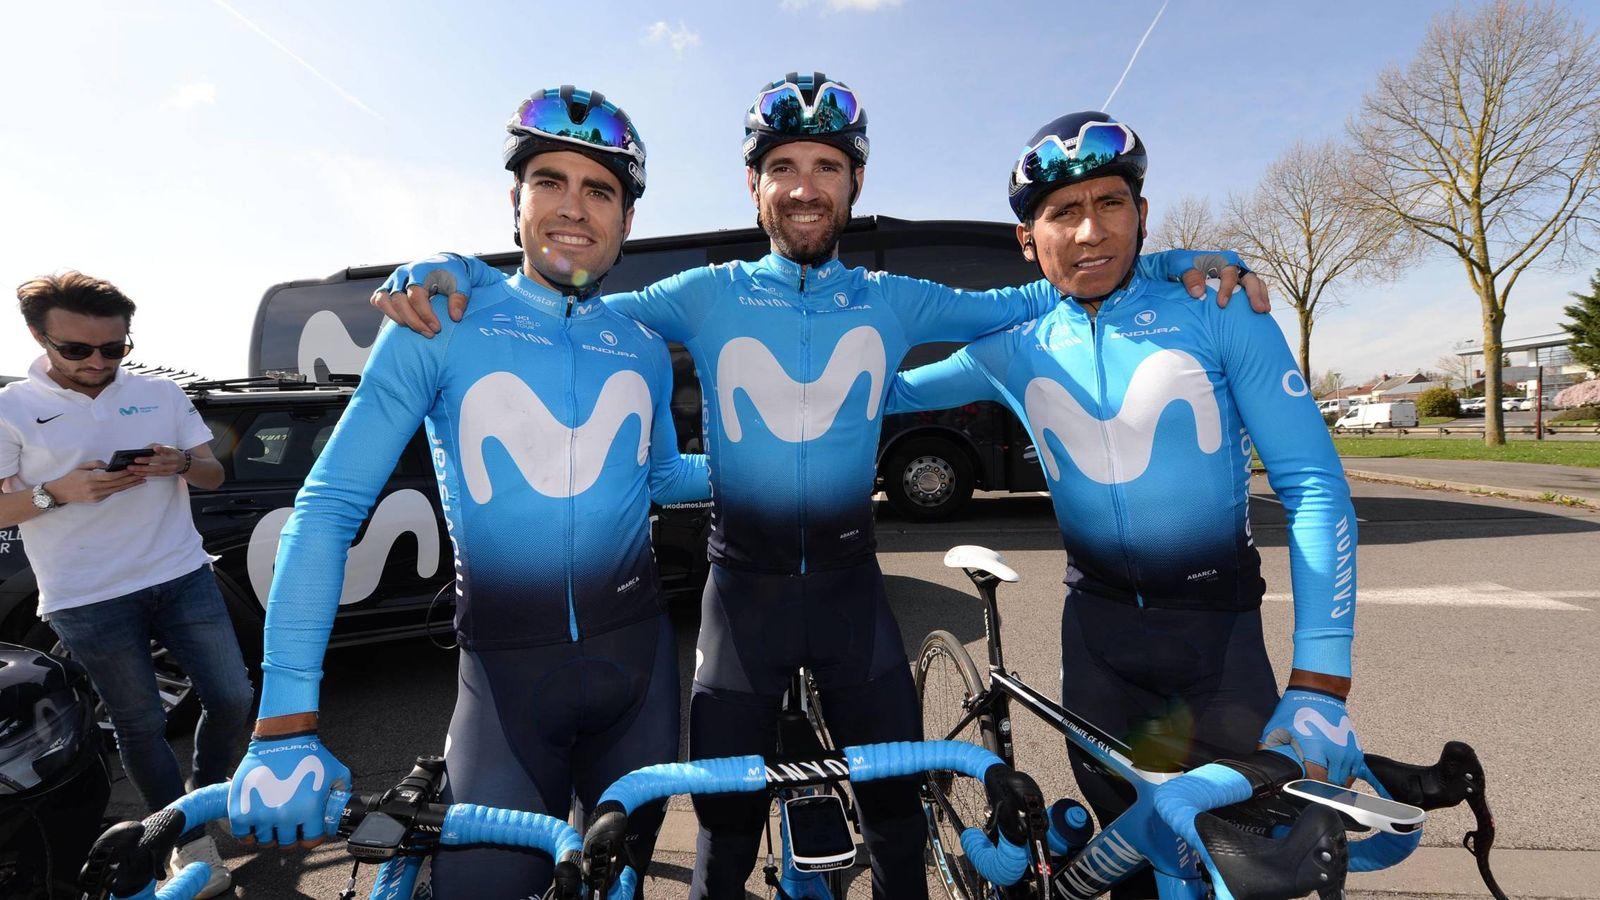 Foto: Milkel Landa, Alejandro Valverde y Nairo Quintana correrán la Vuelta a España que comienza el 25 de agosto. (Imago)